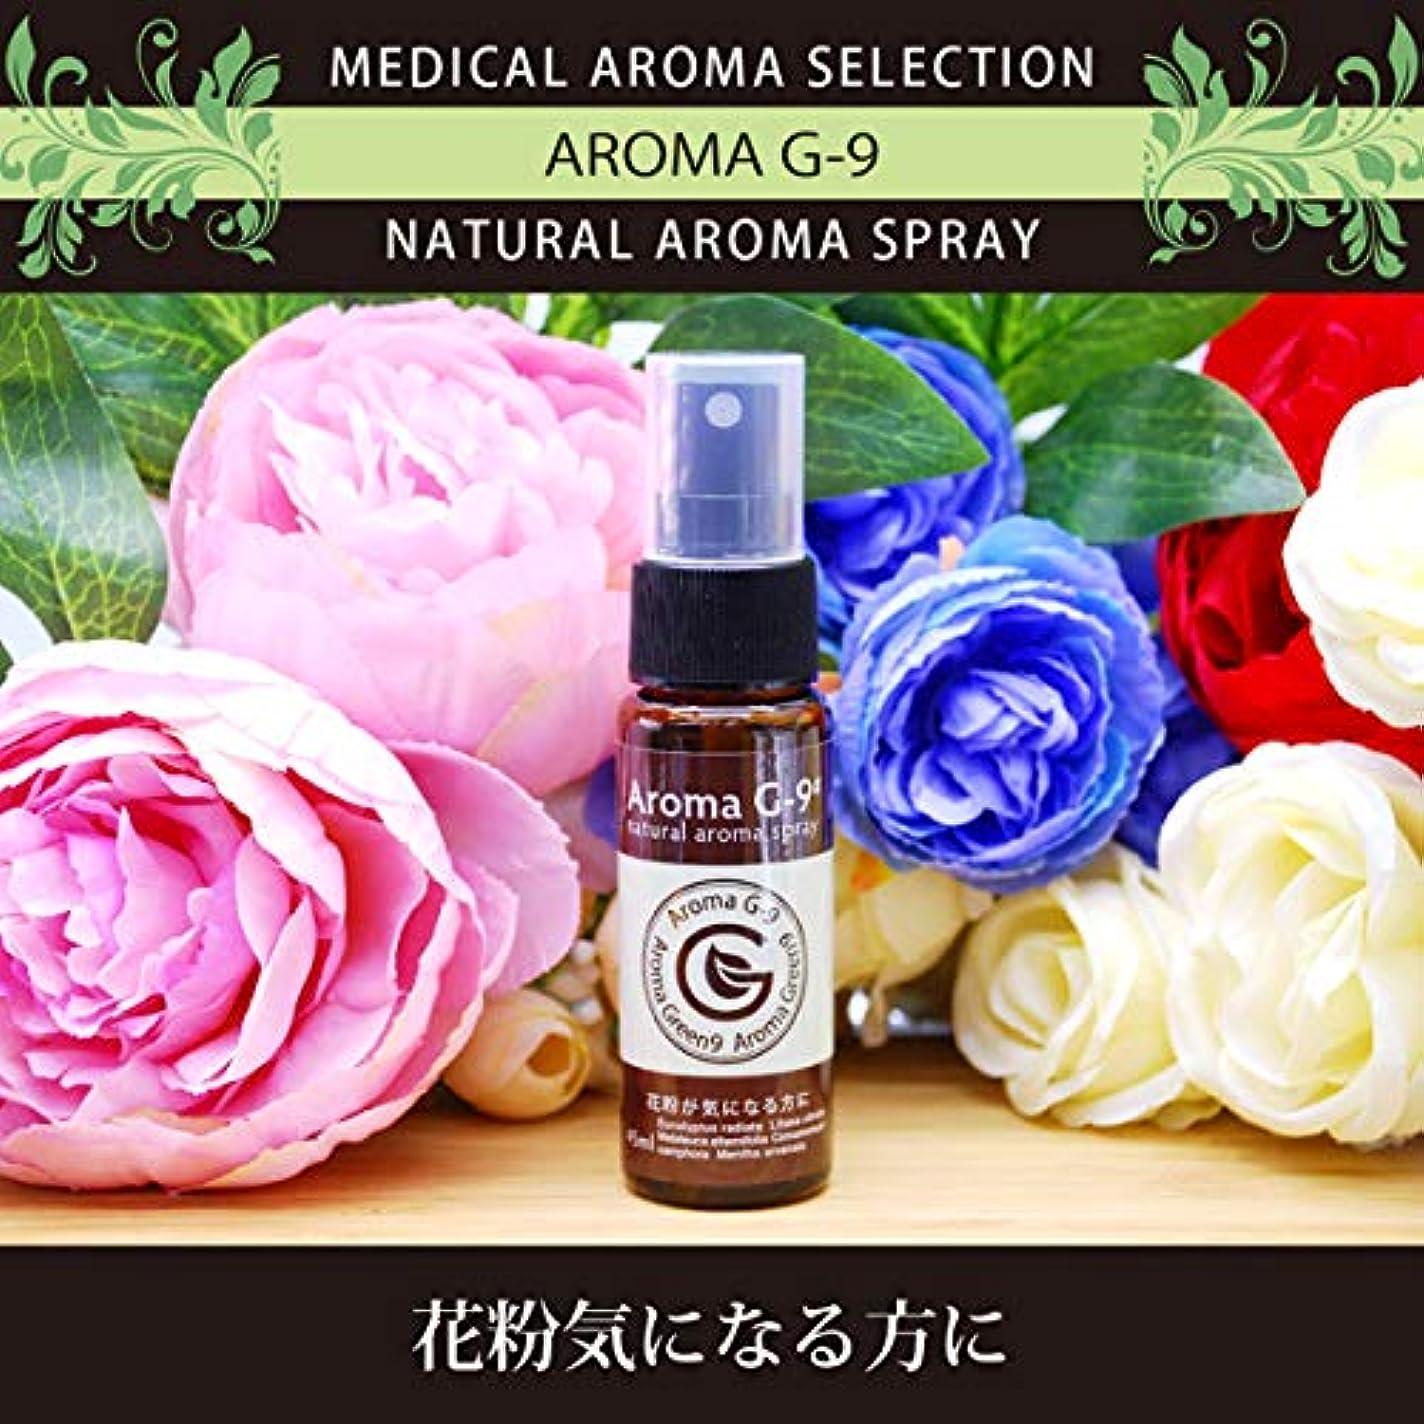 発掘テキスト追跡アロマスプレー Aroma G-9# 花粉症アロマスプレー 45ml